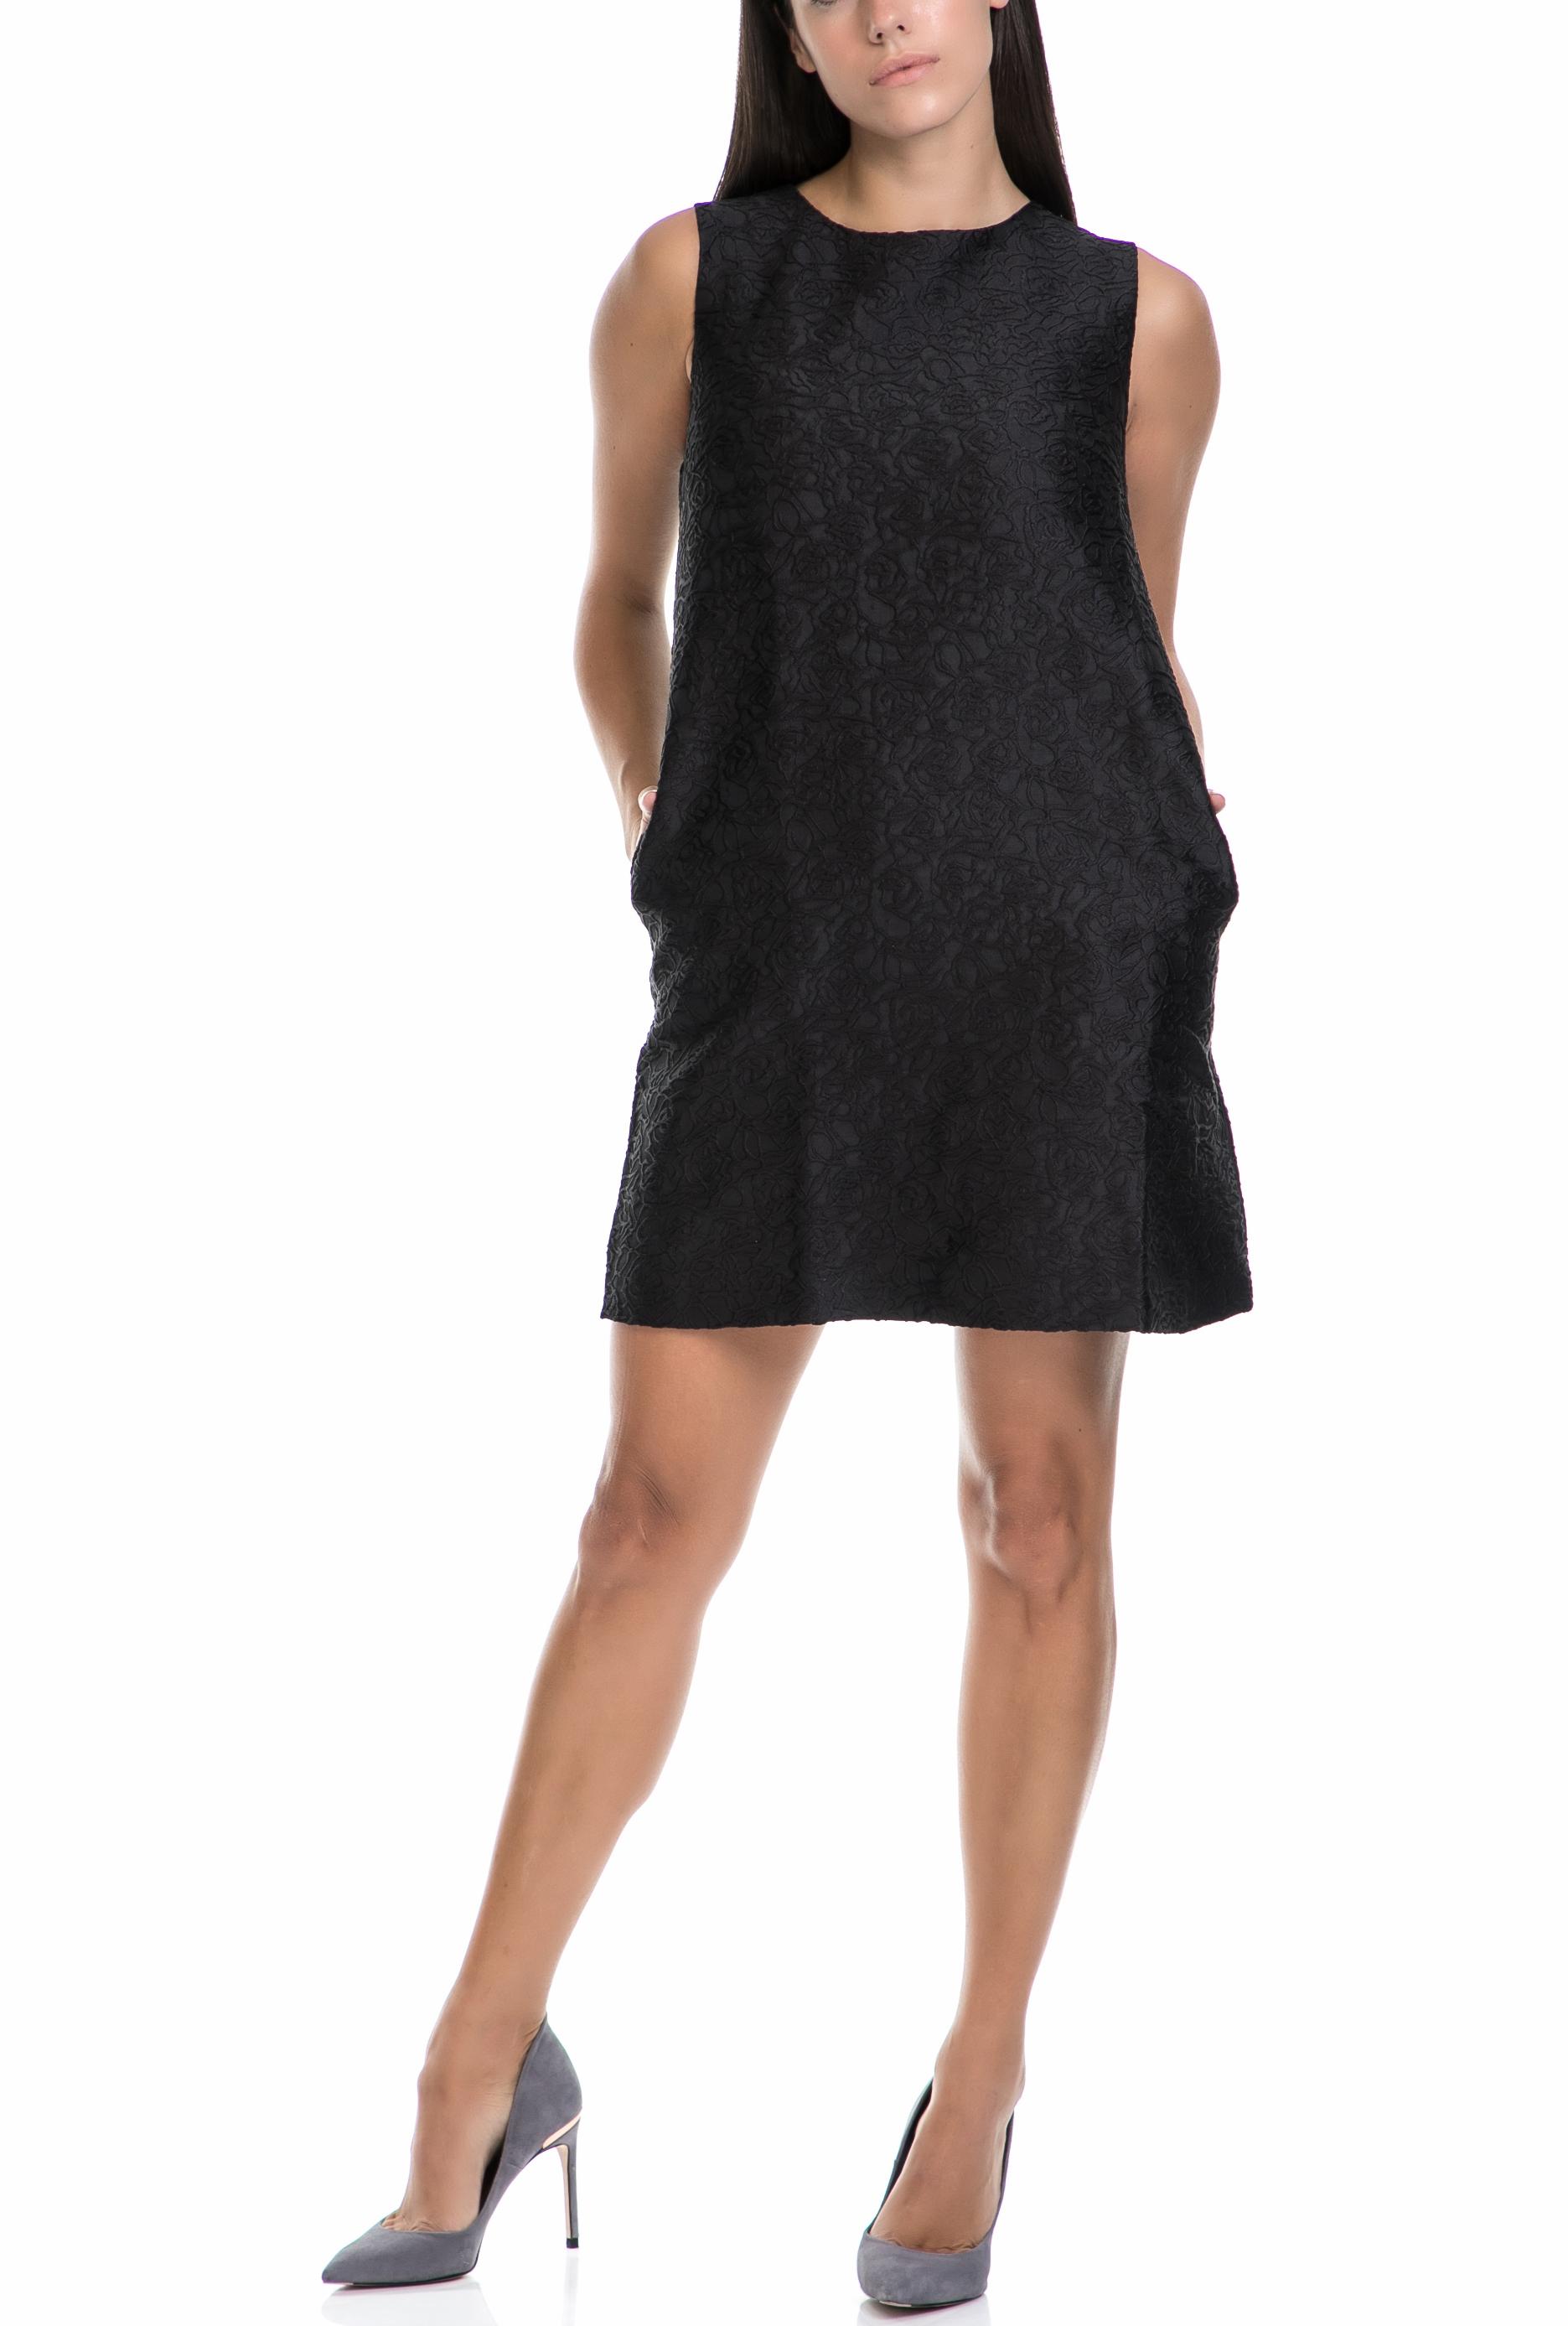 MOLLY BRACKEN - Γυναικείο φόρεμα MOLLY BRACKEN μαύρο γυναικεία ρούχα φορέματα μίνι